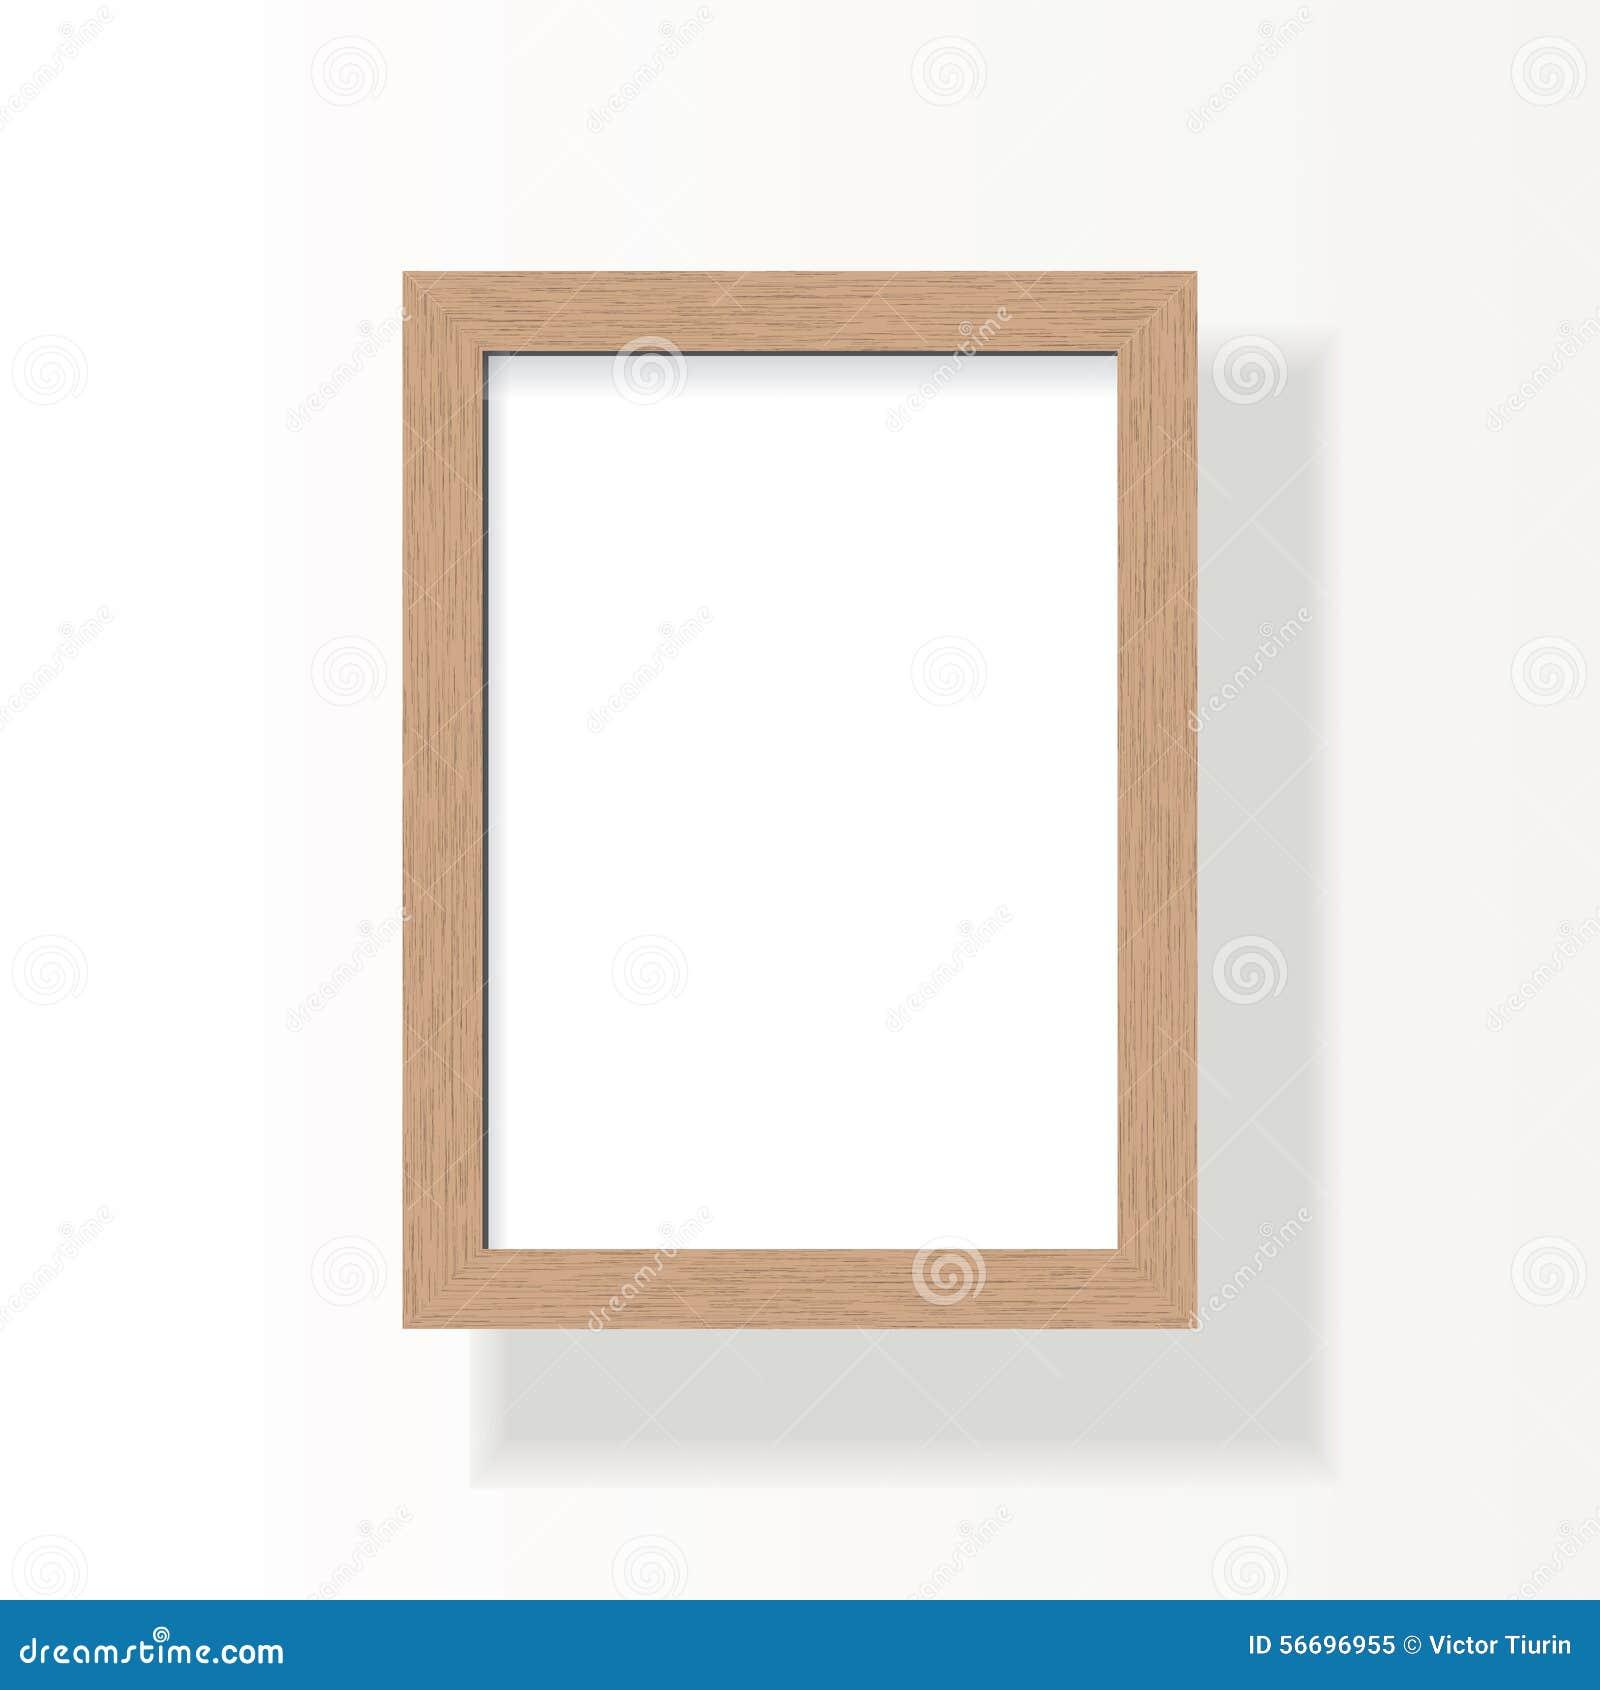 videz le cadre en bois pour l 39 image a4 la photo ou le texte illustration de vecteur. Black Bedroom Furniture Sets. Home Design Ideas